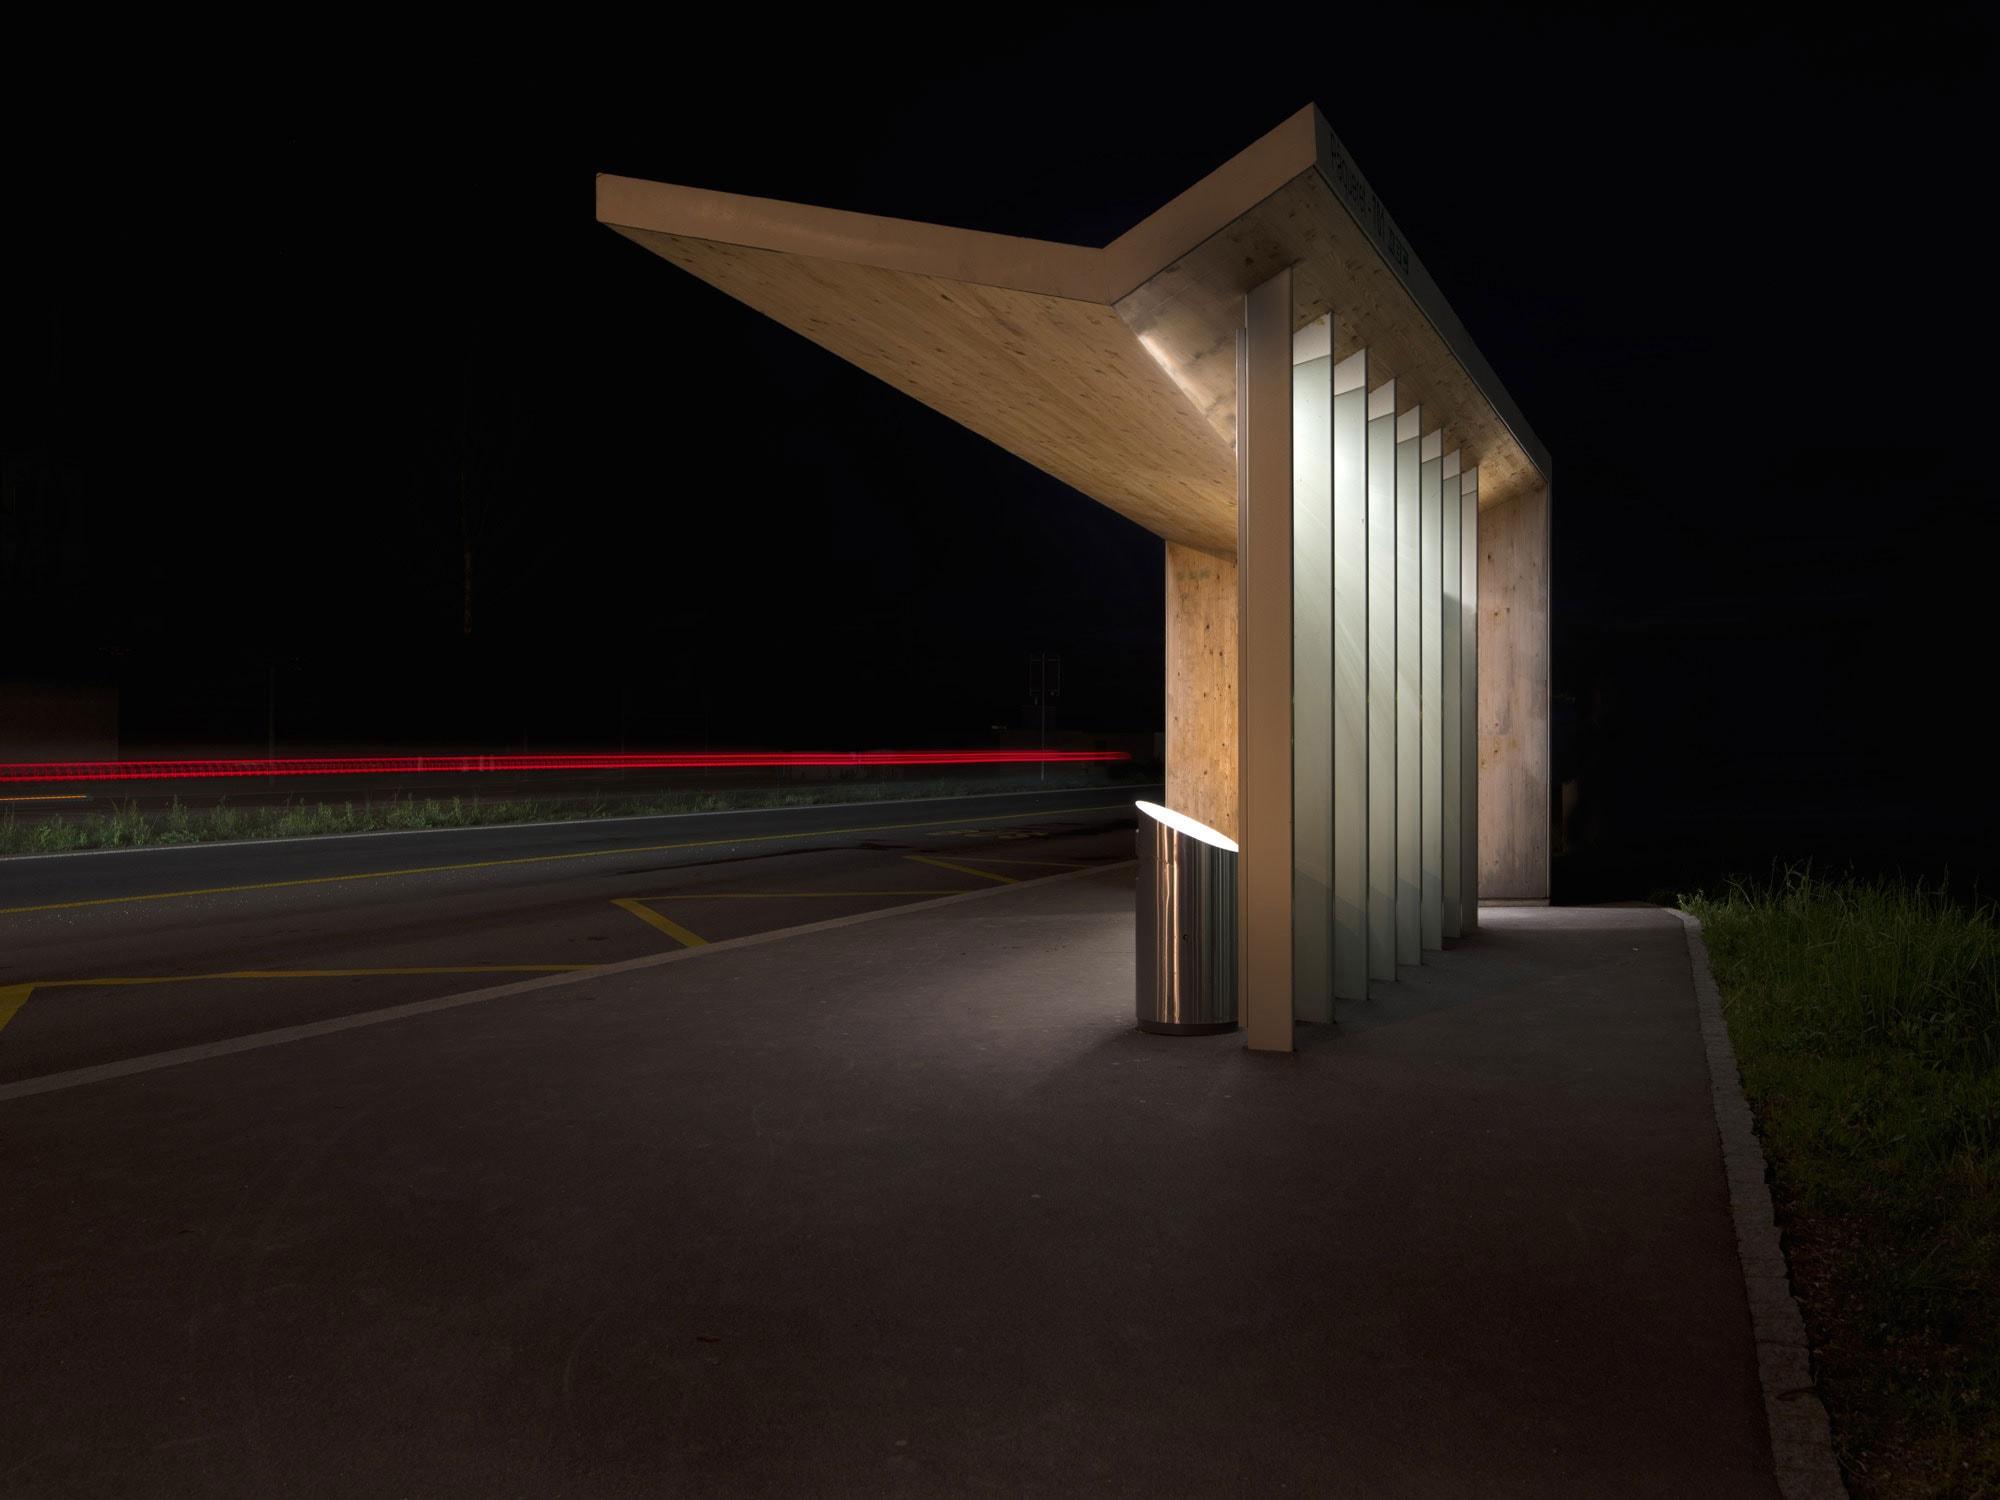 arrêt de bus la nuit